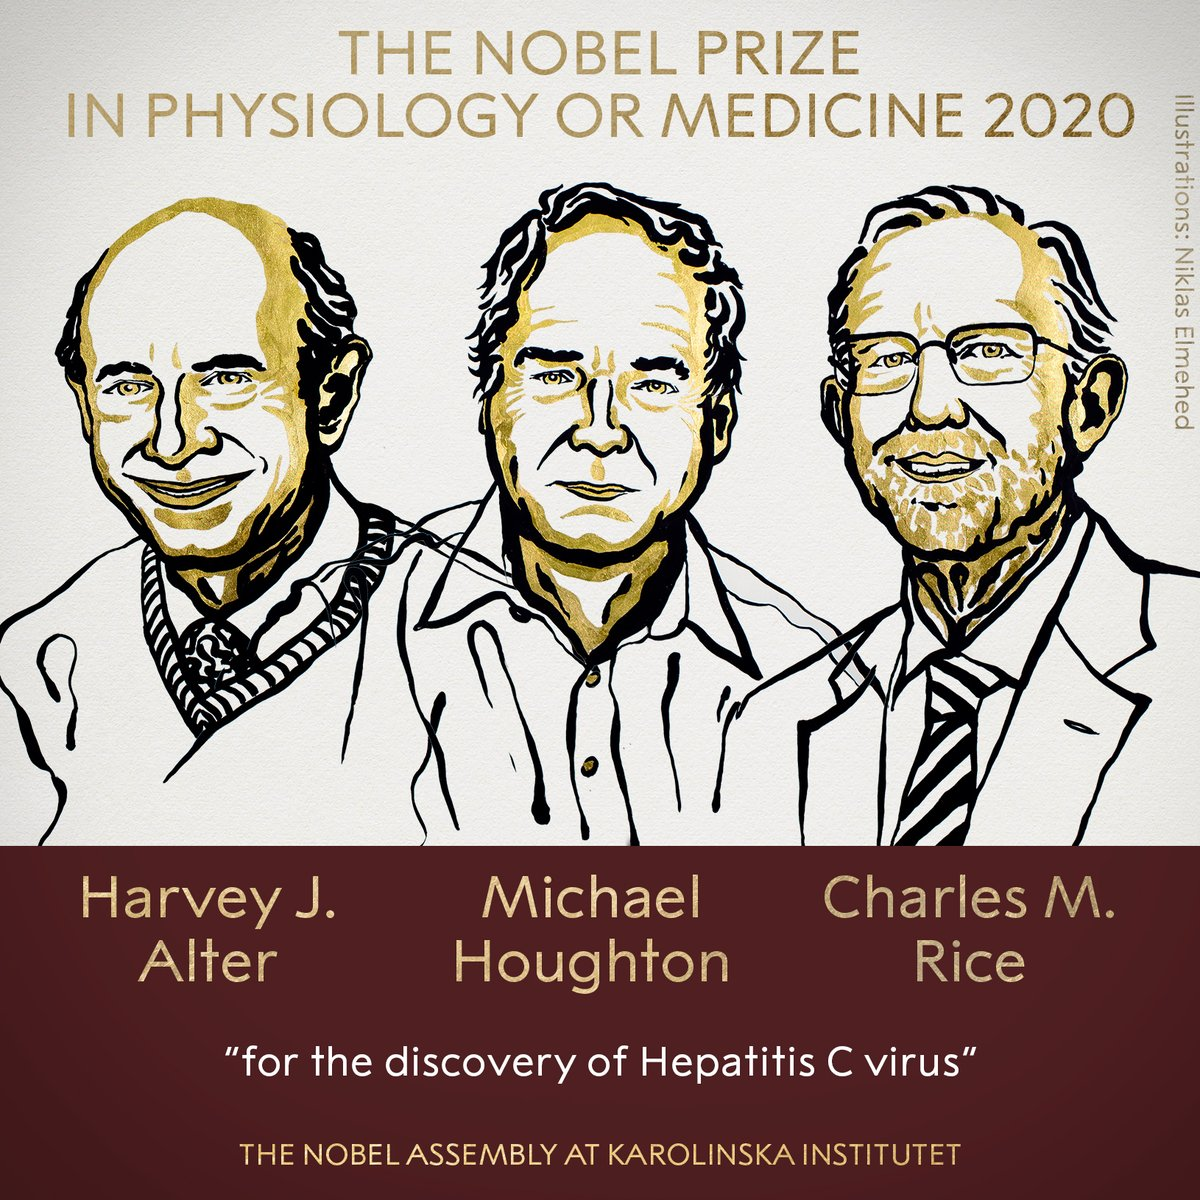 出乎意料!2020年诺贝尔医学奖被授予丙型肝炎发现者